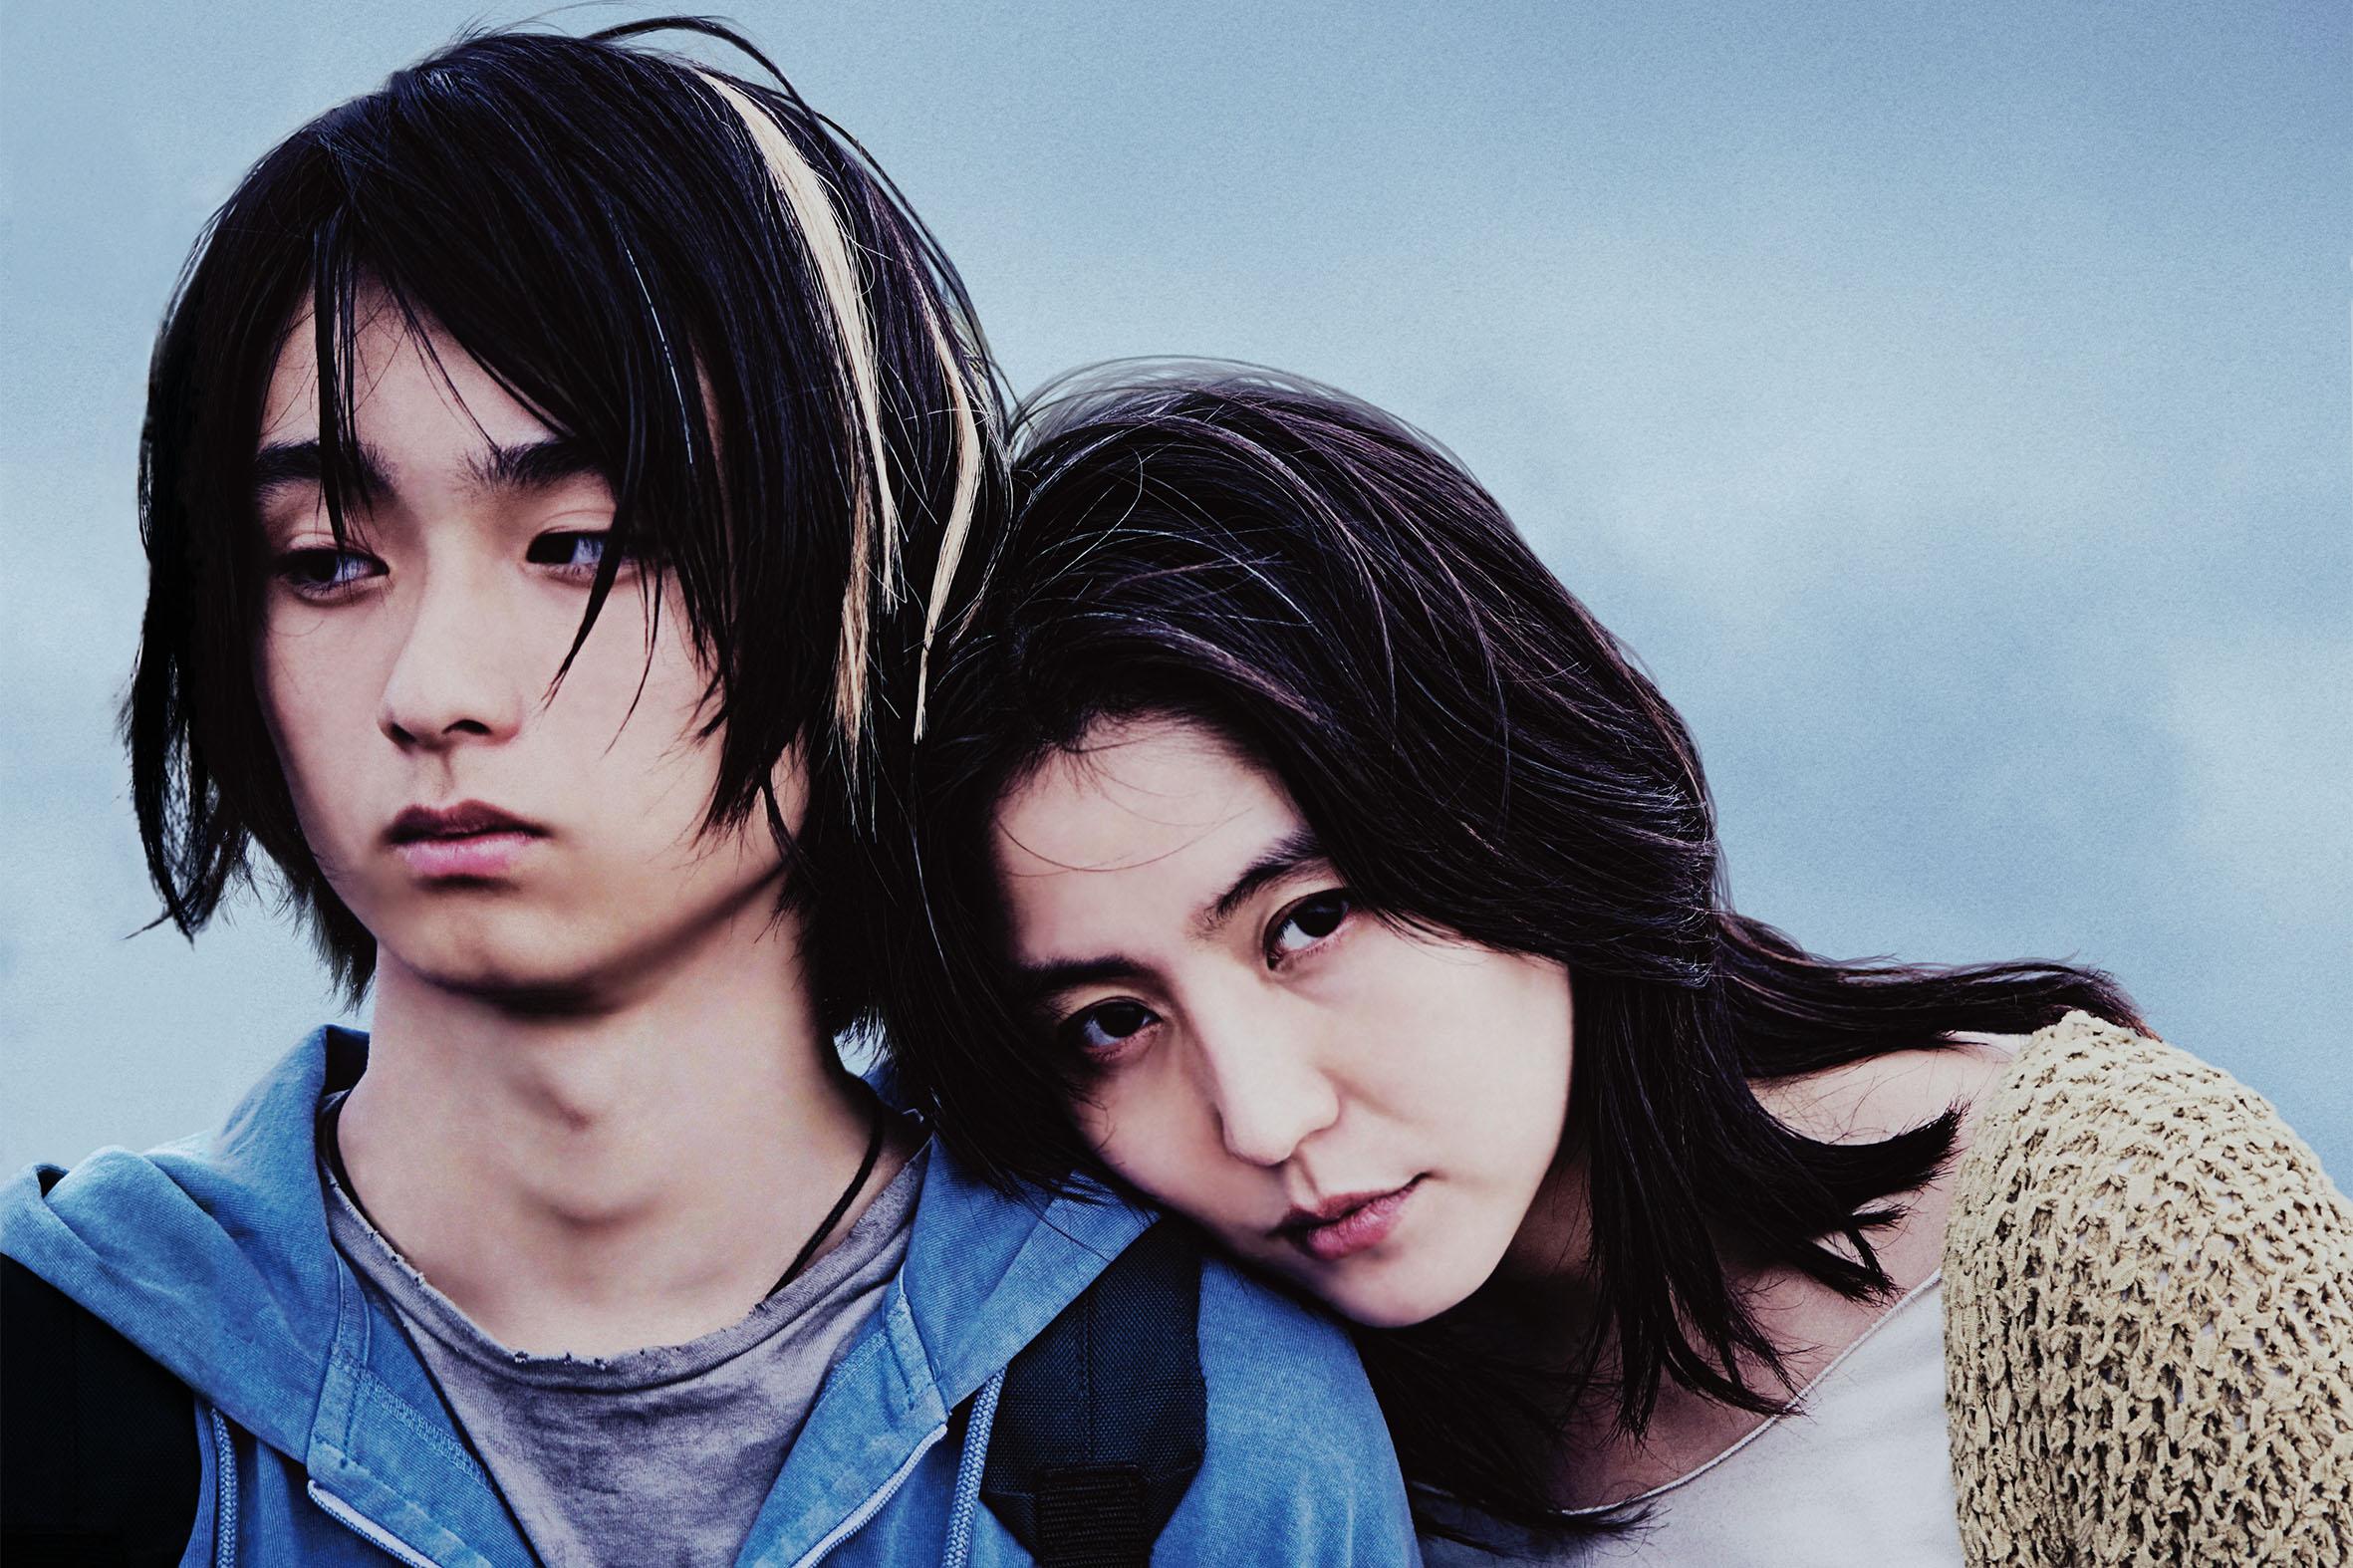 长泽雅美主演电影《母亲》确定11月3日Netflix上线